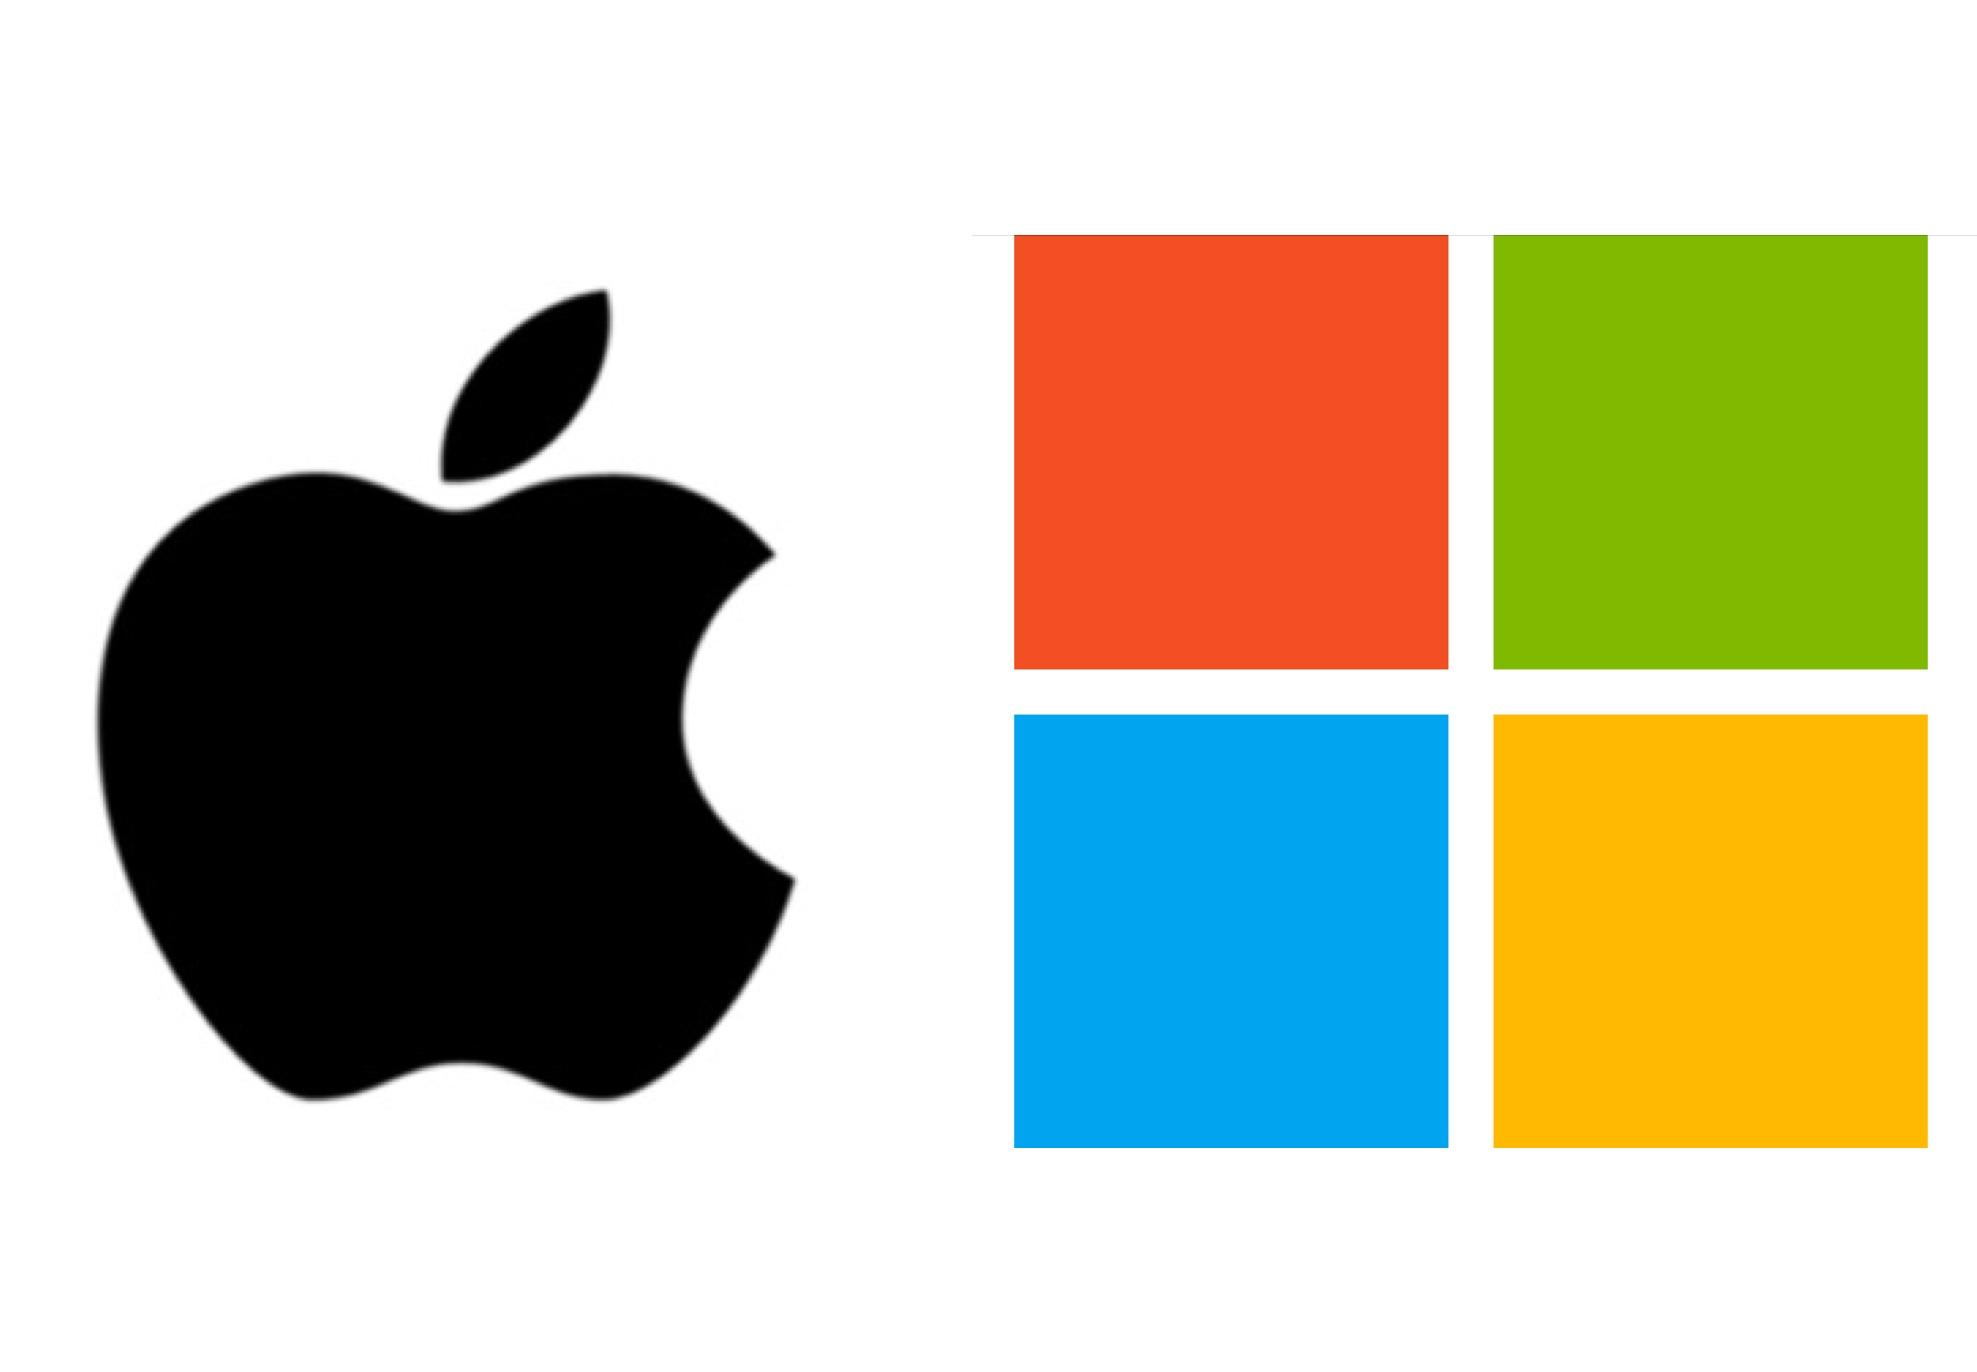 AppleとMicrosoftのライバル関係が再び激化、今度は拡張現実とゲームの世界で